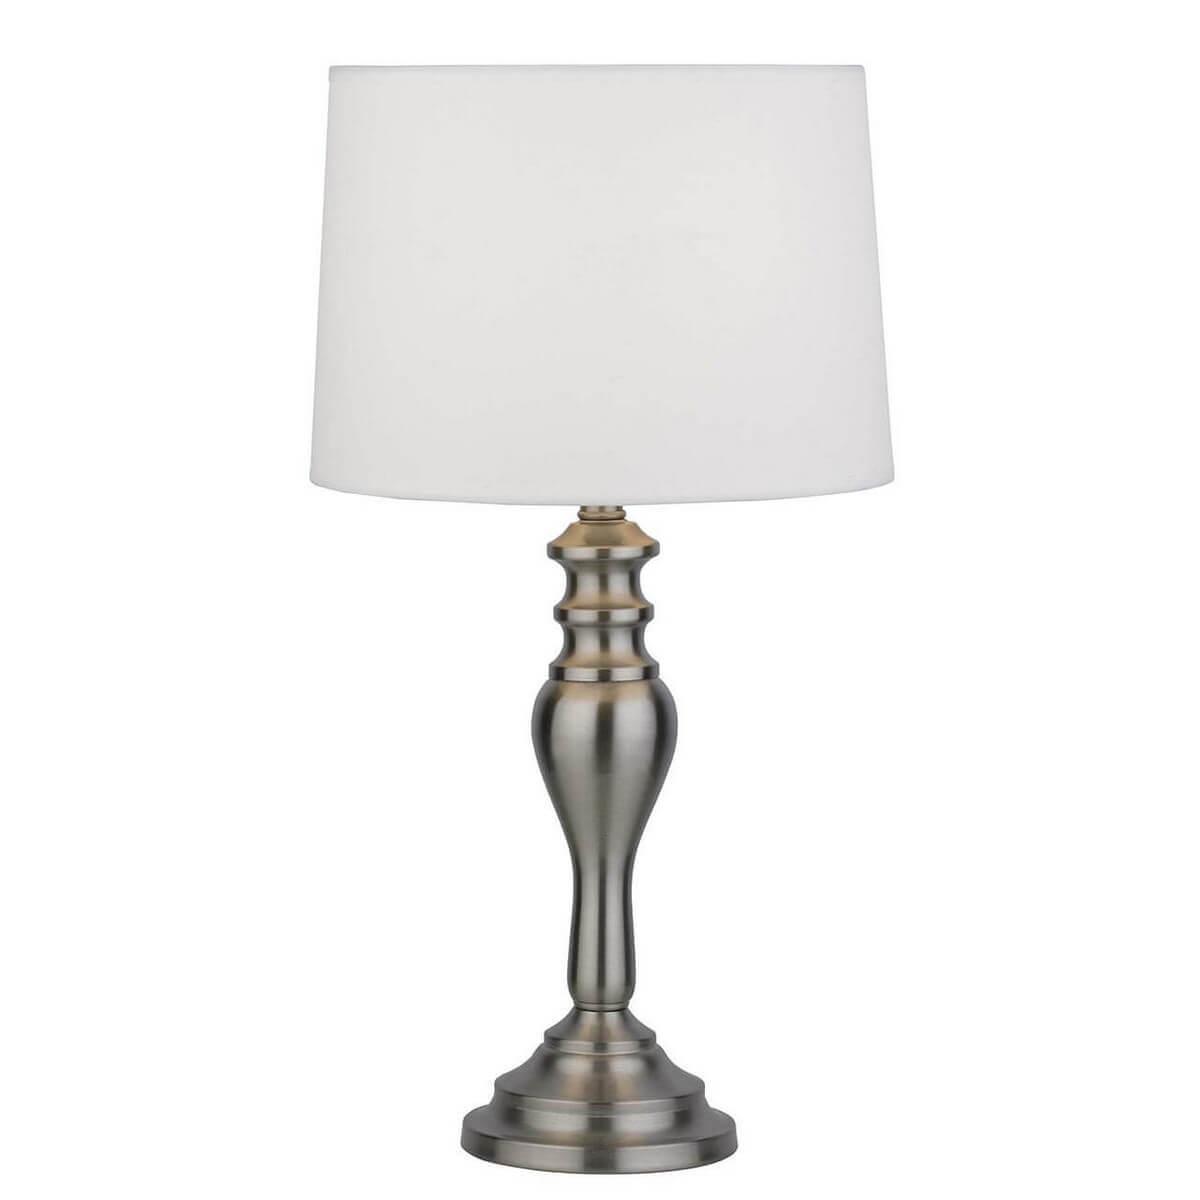 Настольная лампа MarksLojd Pokal 105210 стоимость